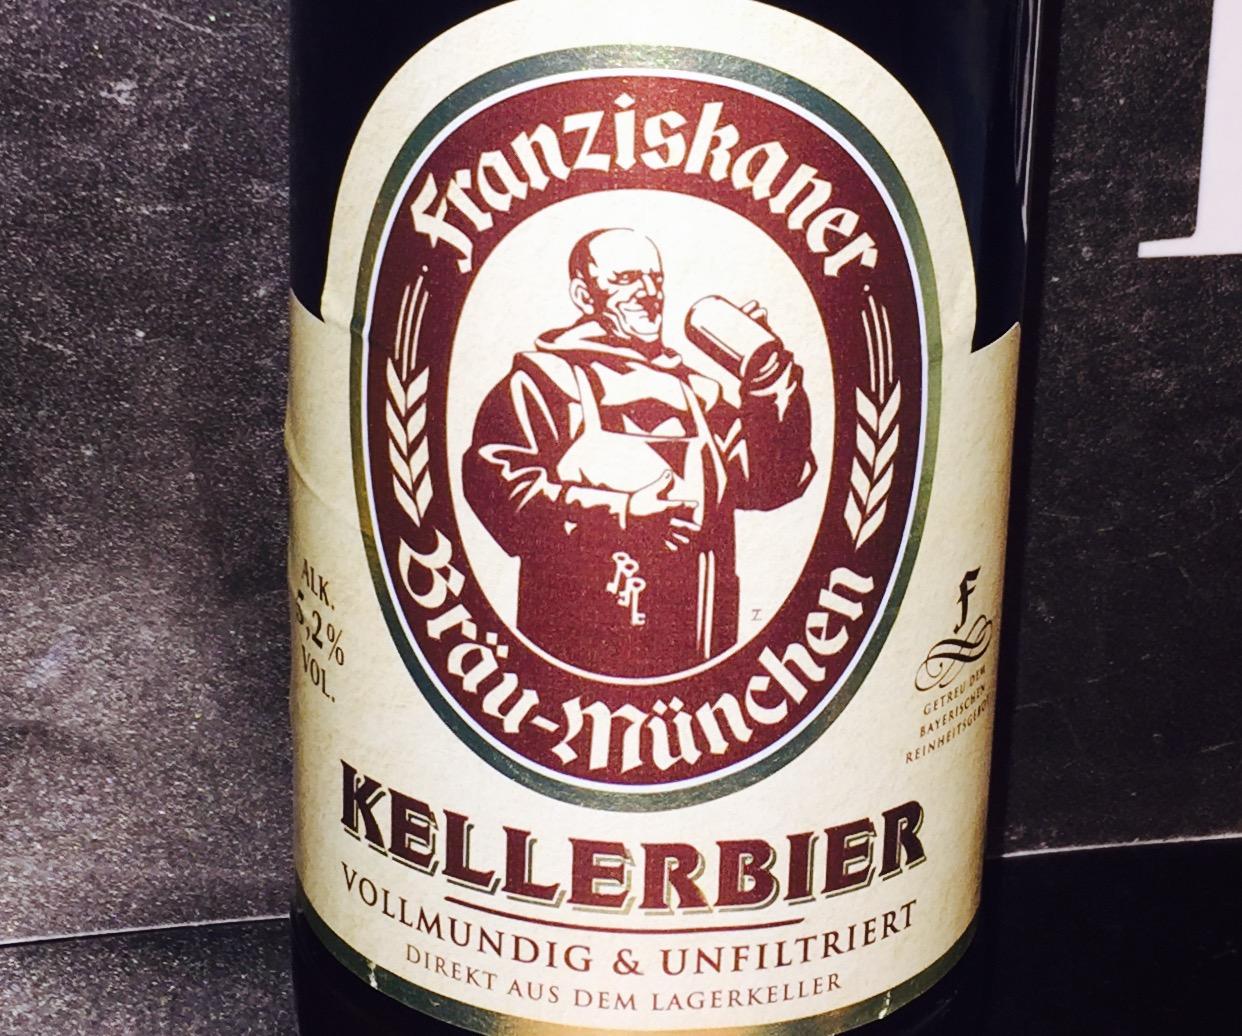 Franziskaner - Kellerbier